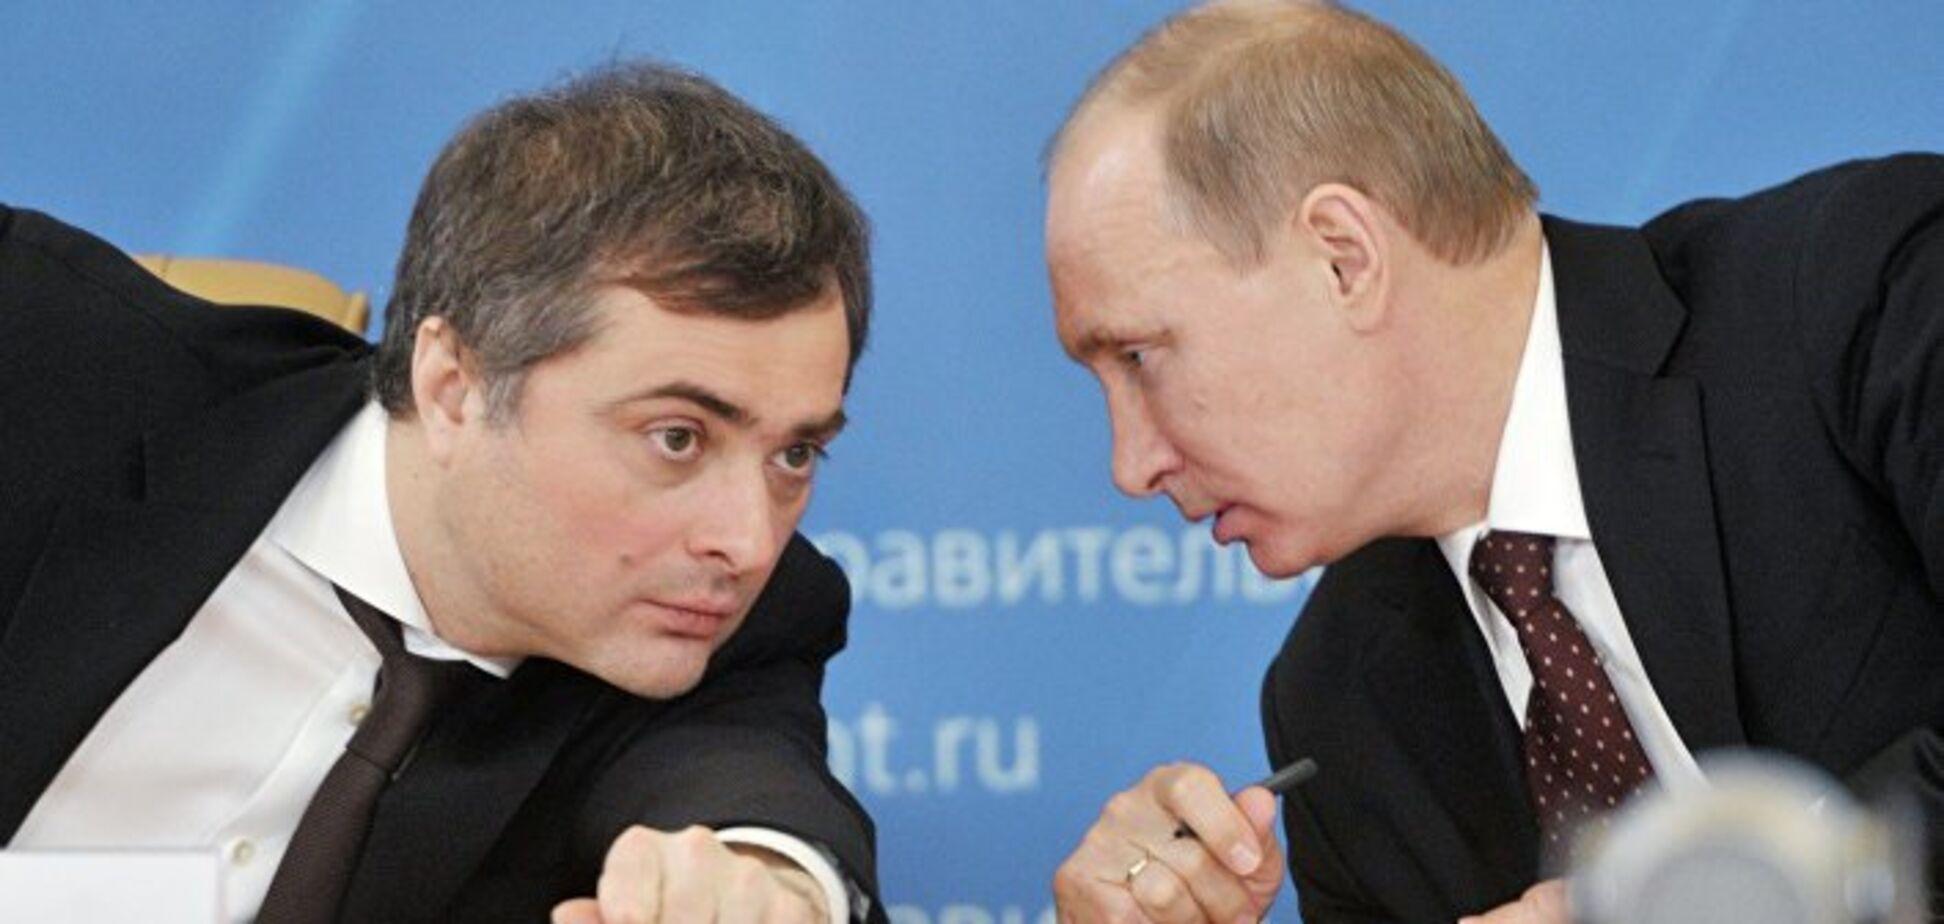 Ватажок ''ДНР'' проговорився про армію Кремля на Донбасі